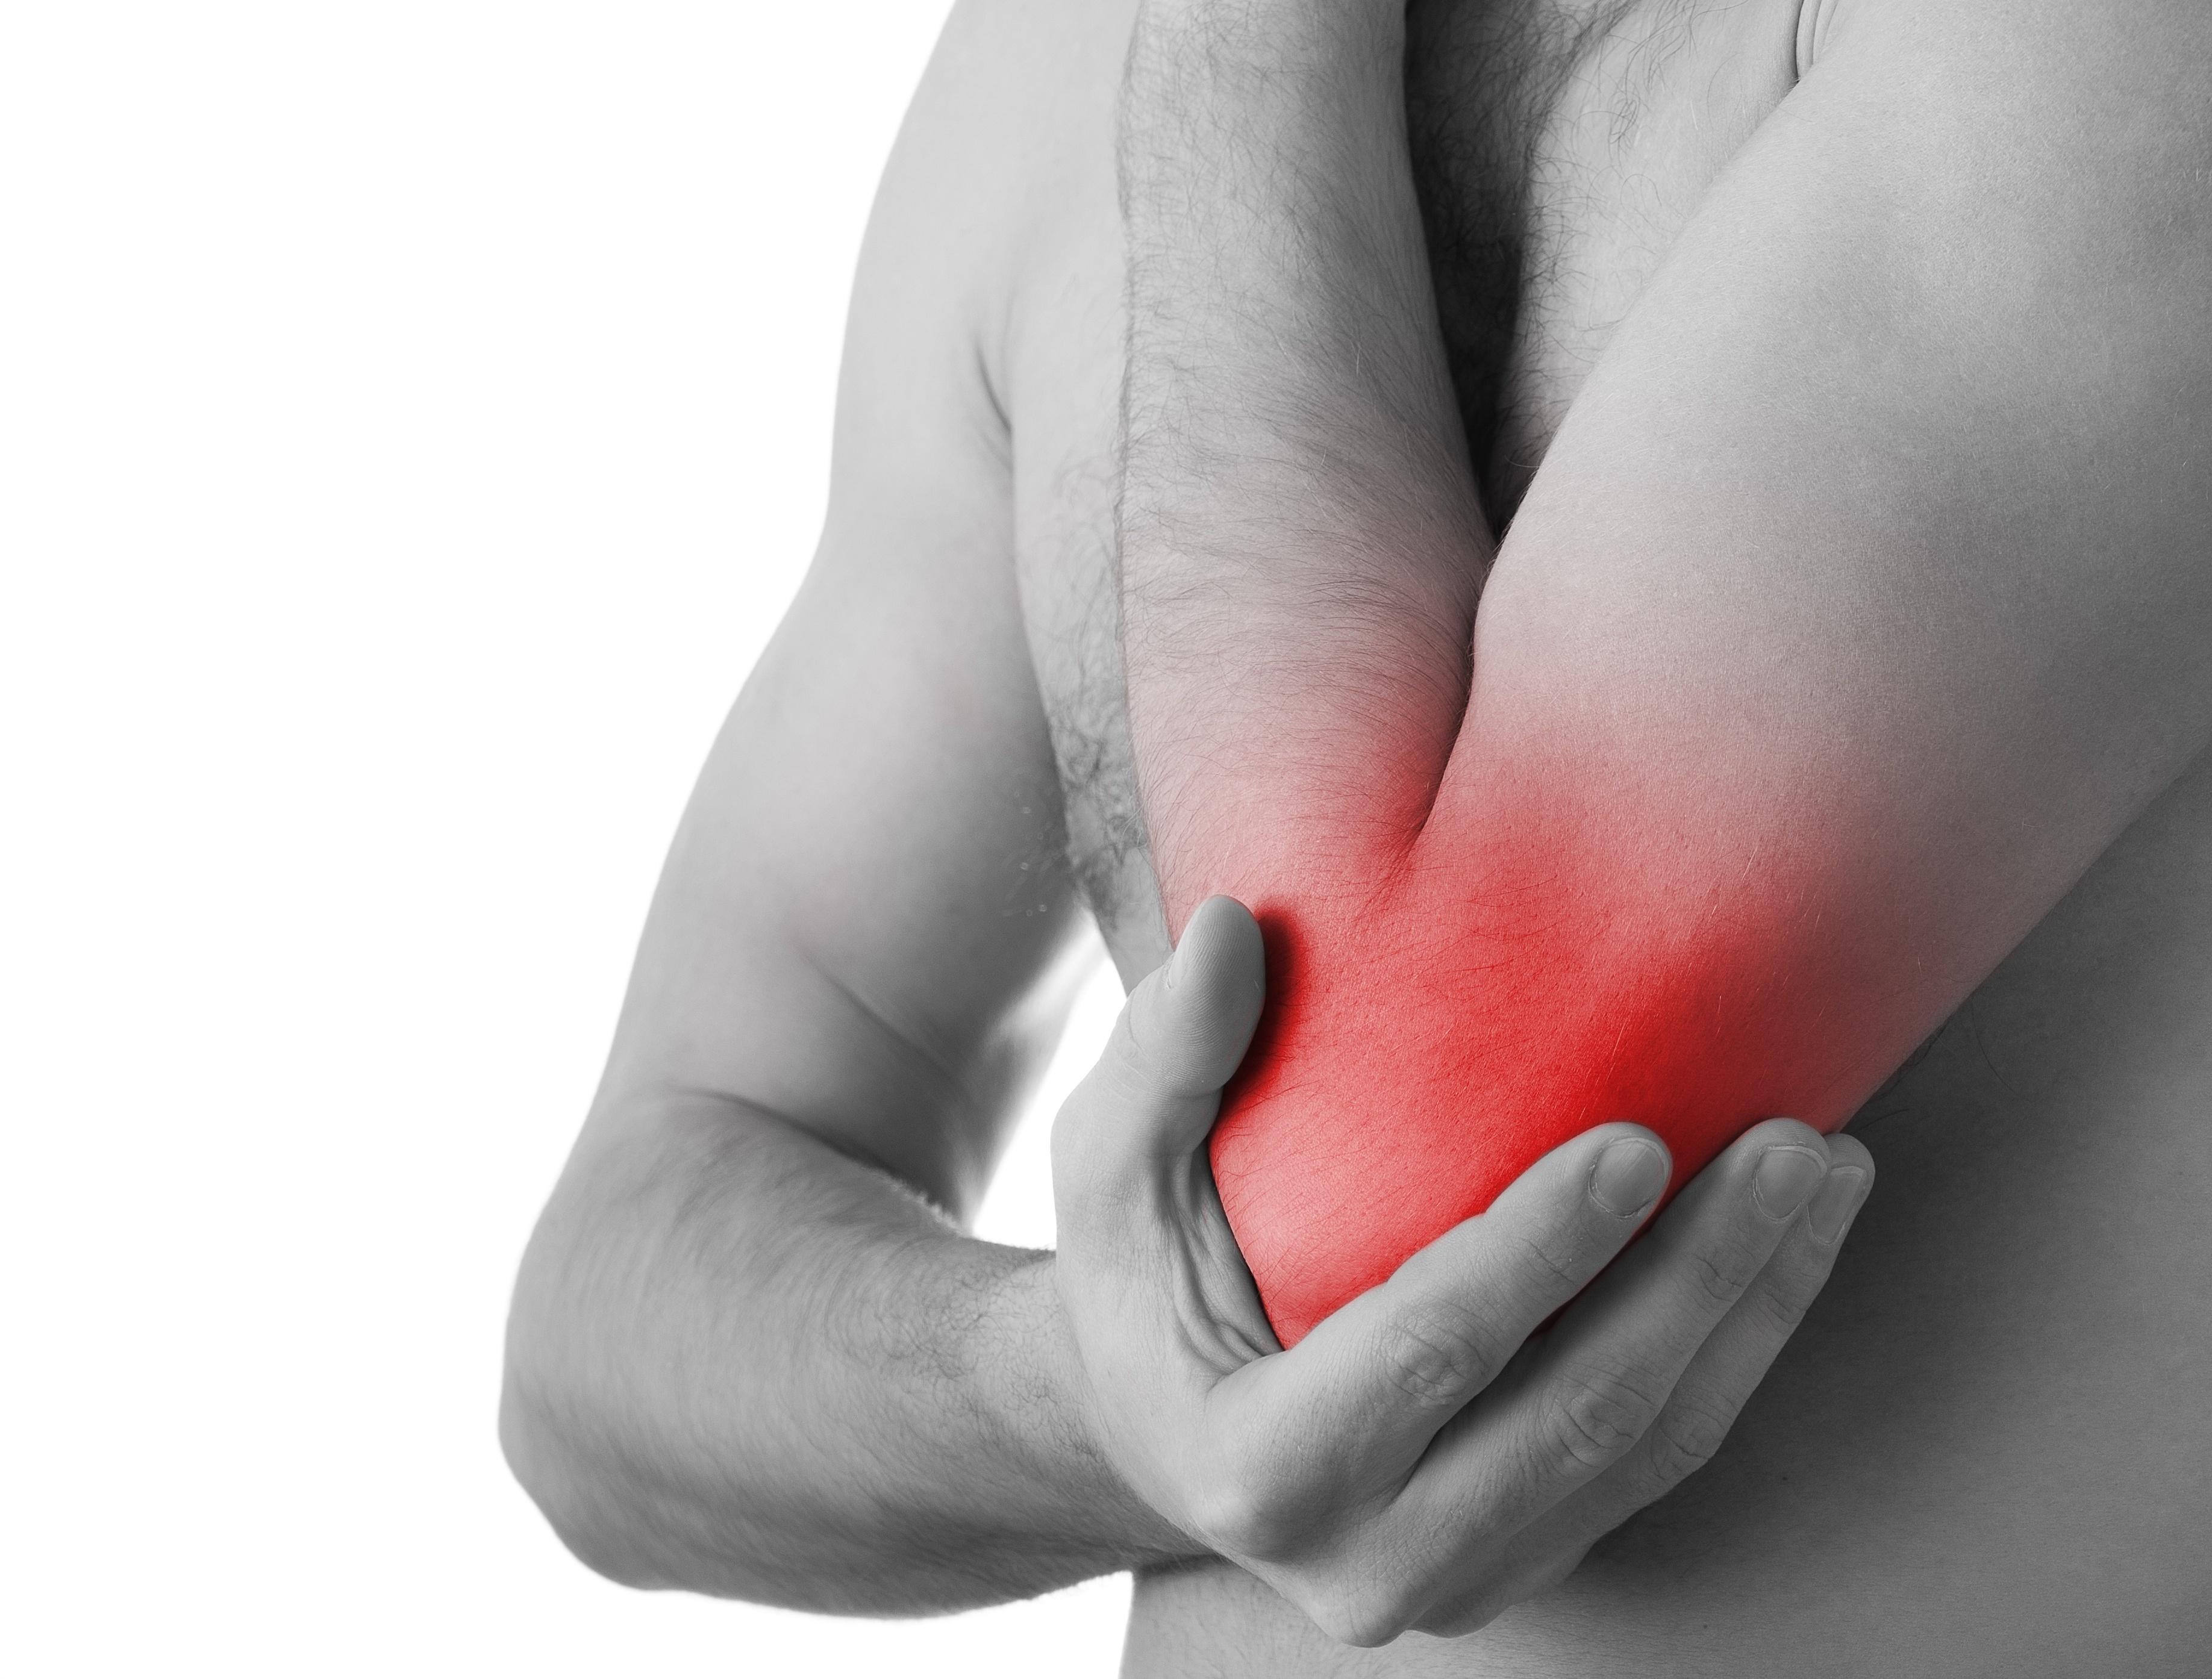 csípőízület akut fájdalmának kezelése